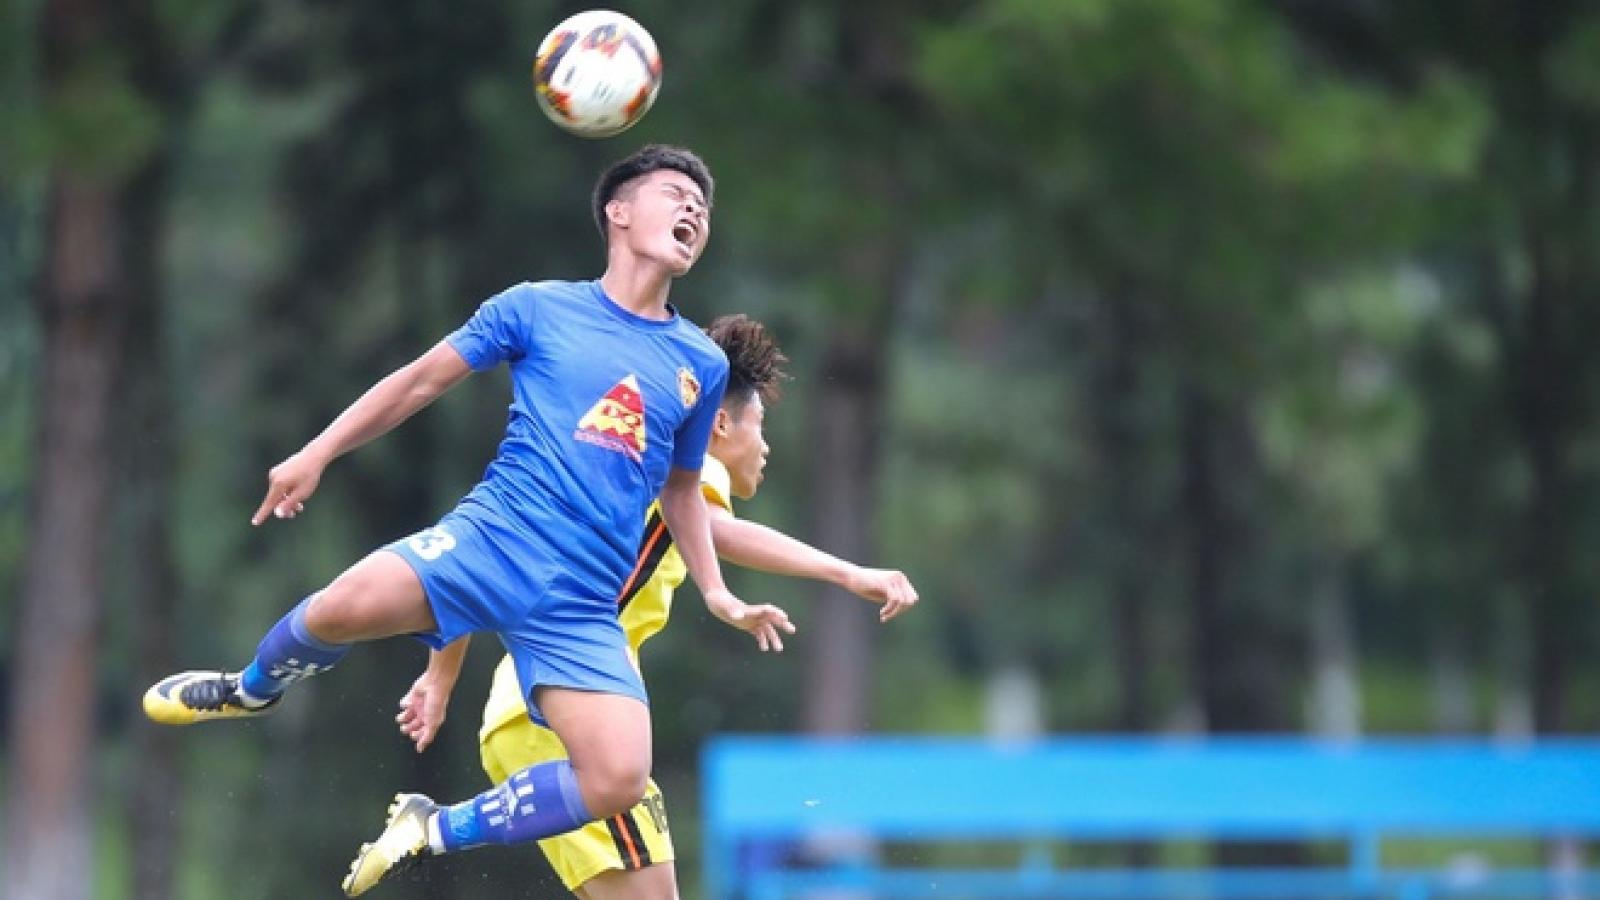 Từ ngày 2/8, mọi hoạt động bóng đá ở Việt Nam sẽ tạm dừng vì Covid-19